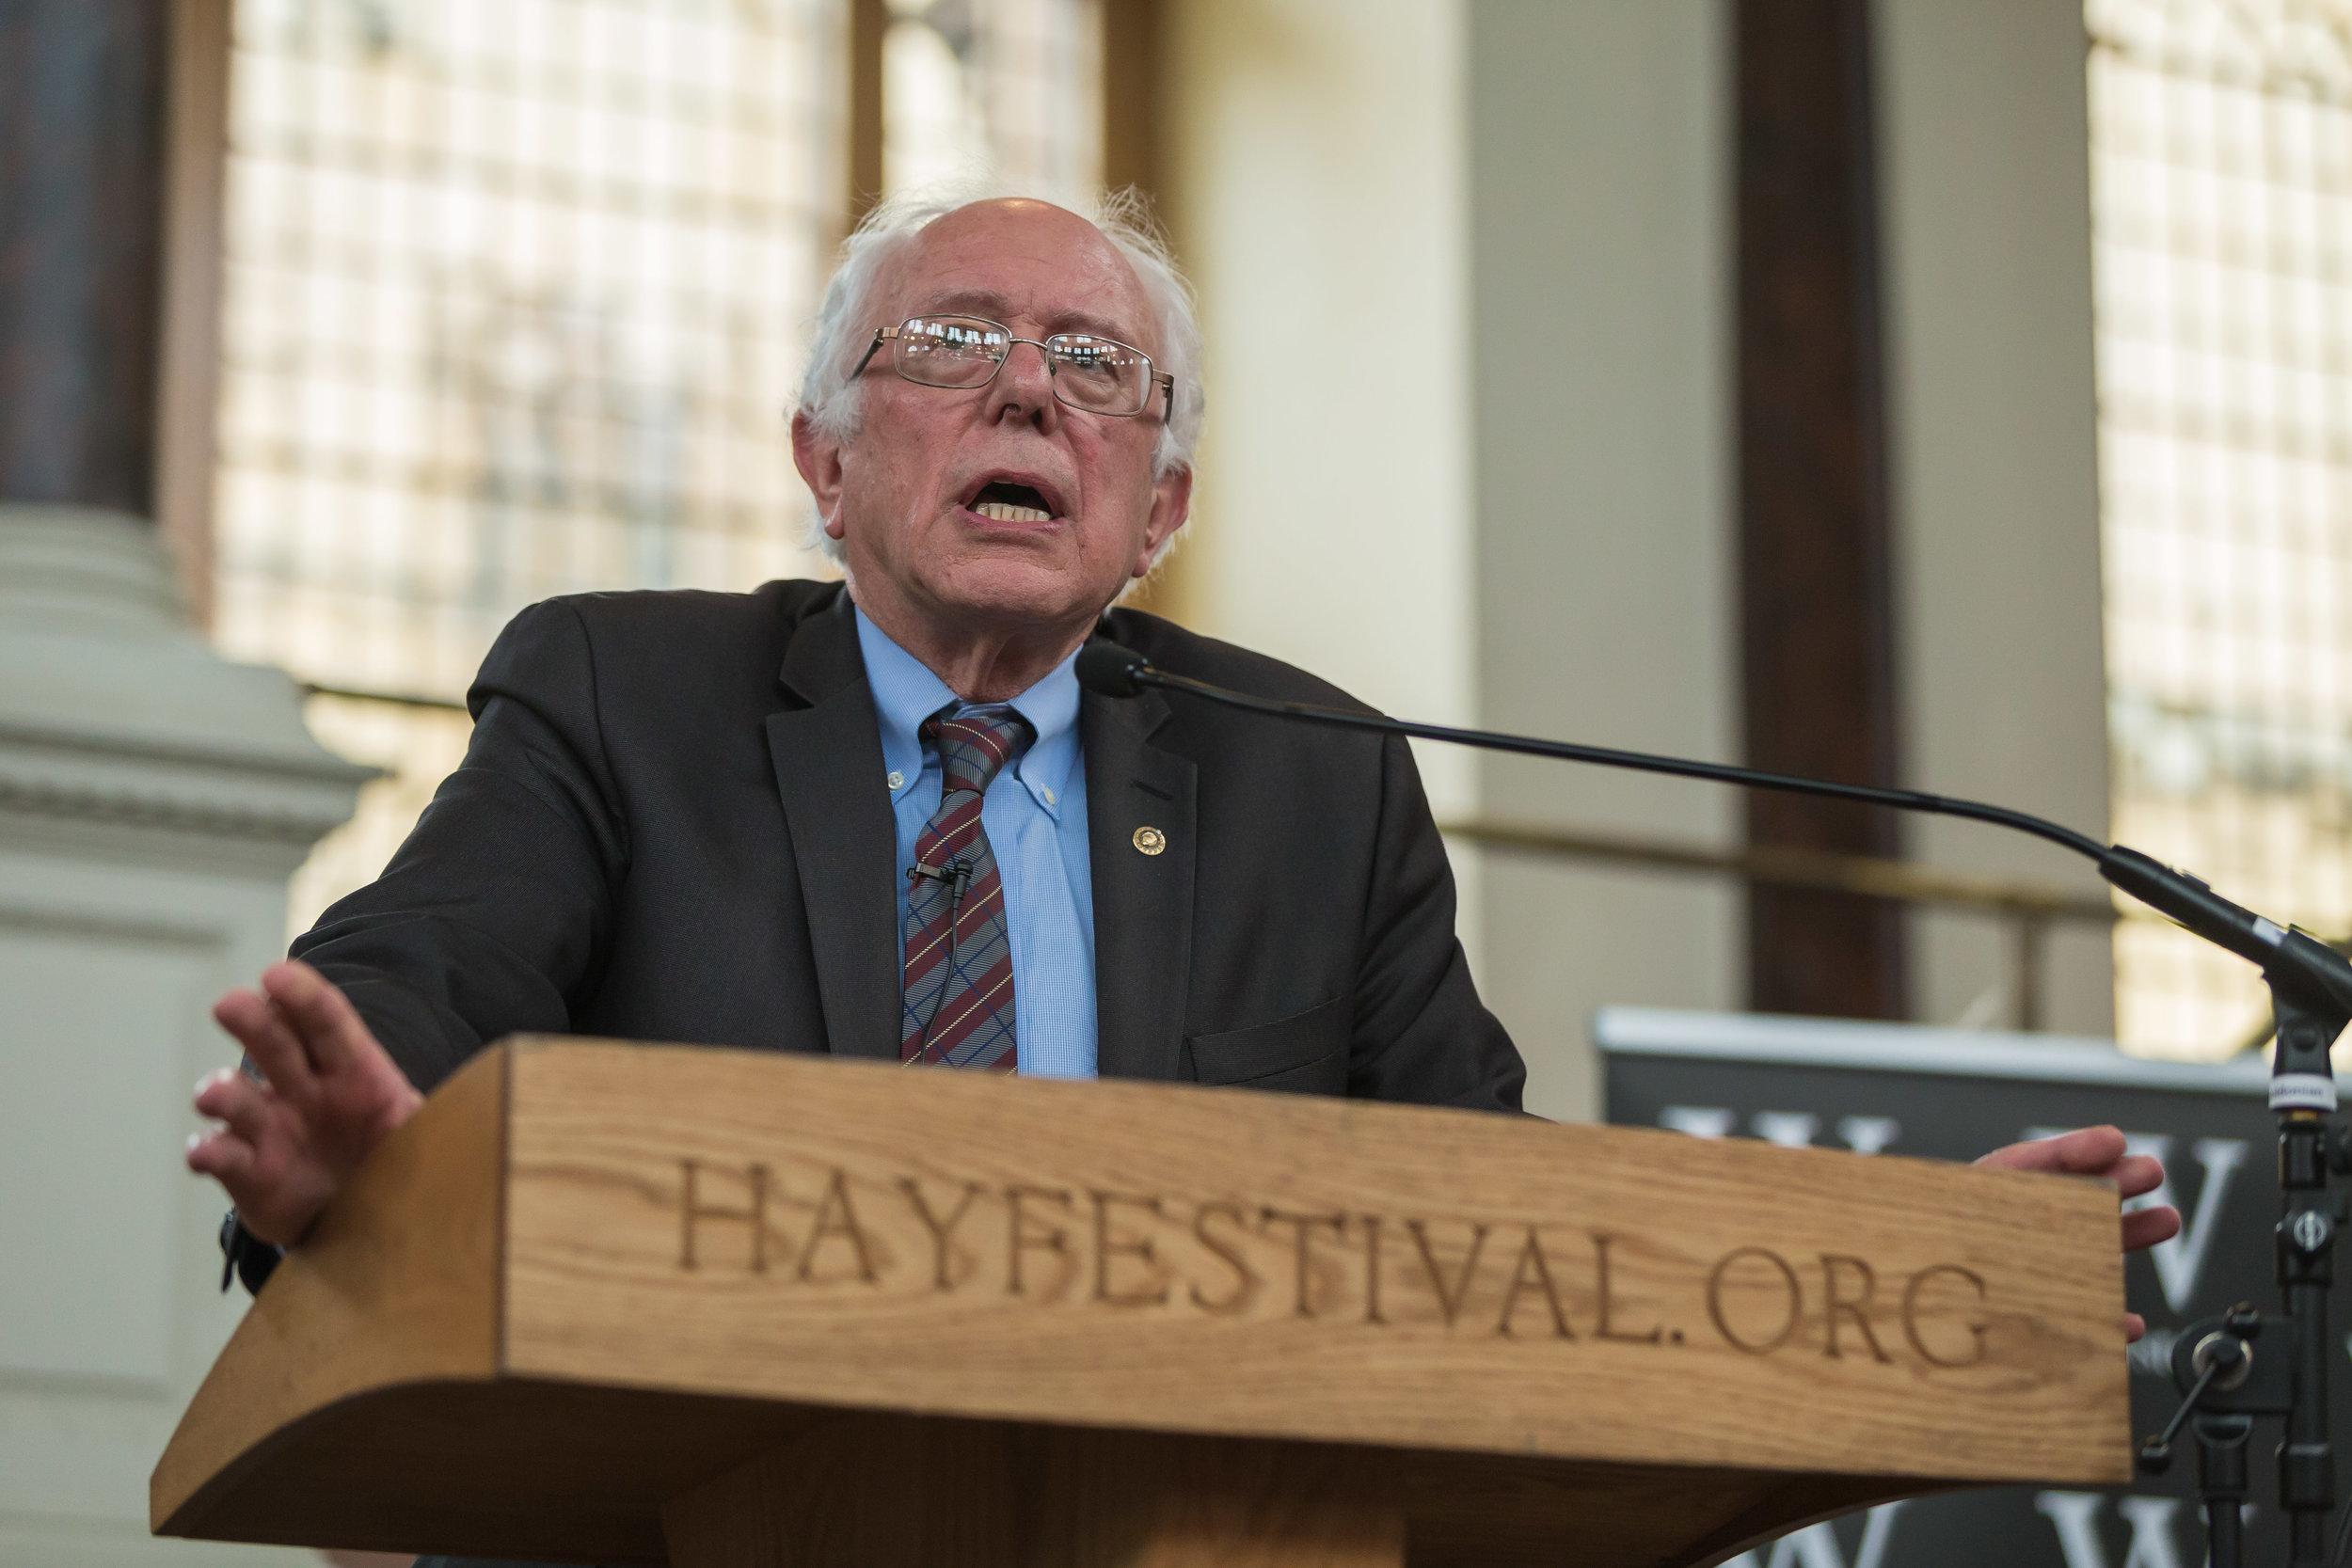 Bernie Sanders at Hey Festival 02_06_17-33.jpg